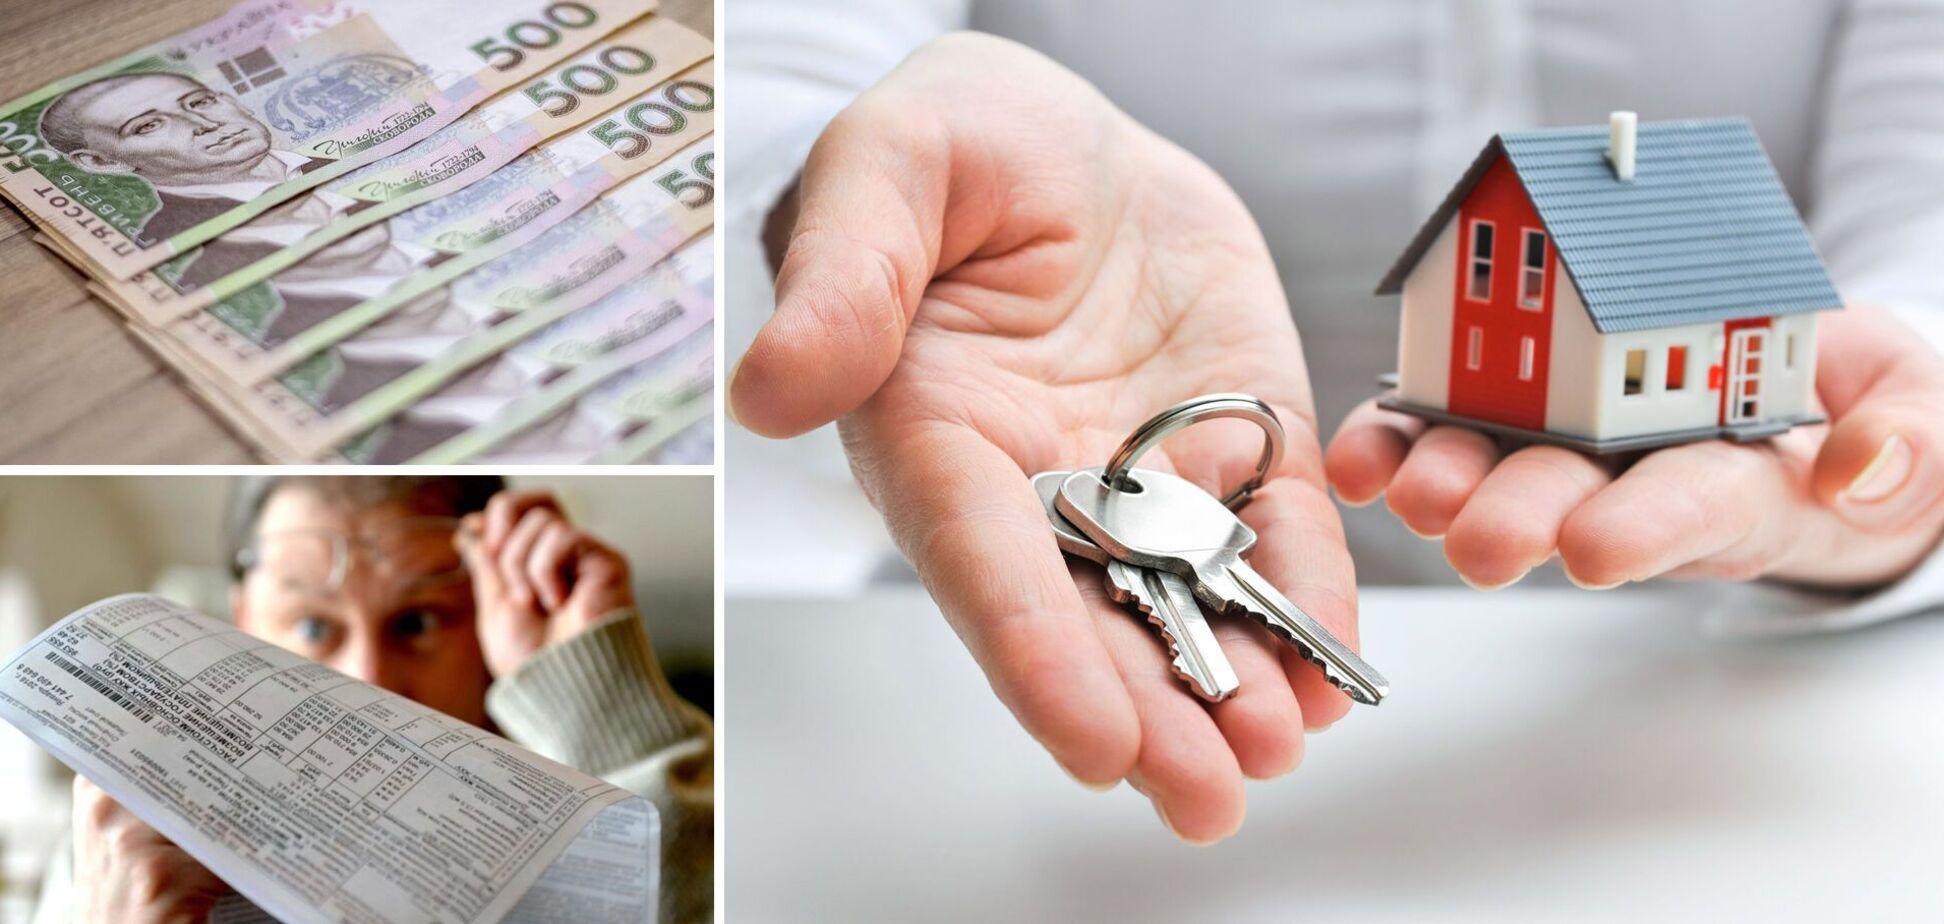 Скільки буде коштувати оренда квартири